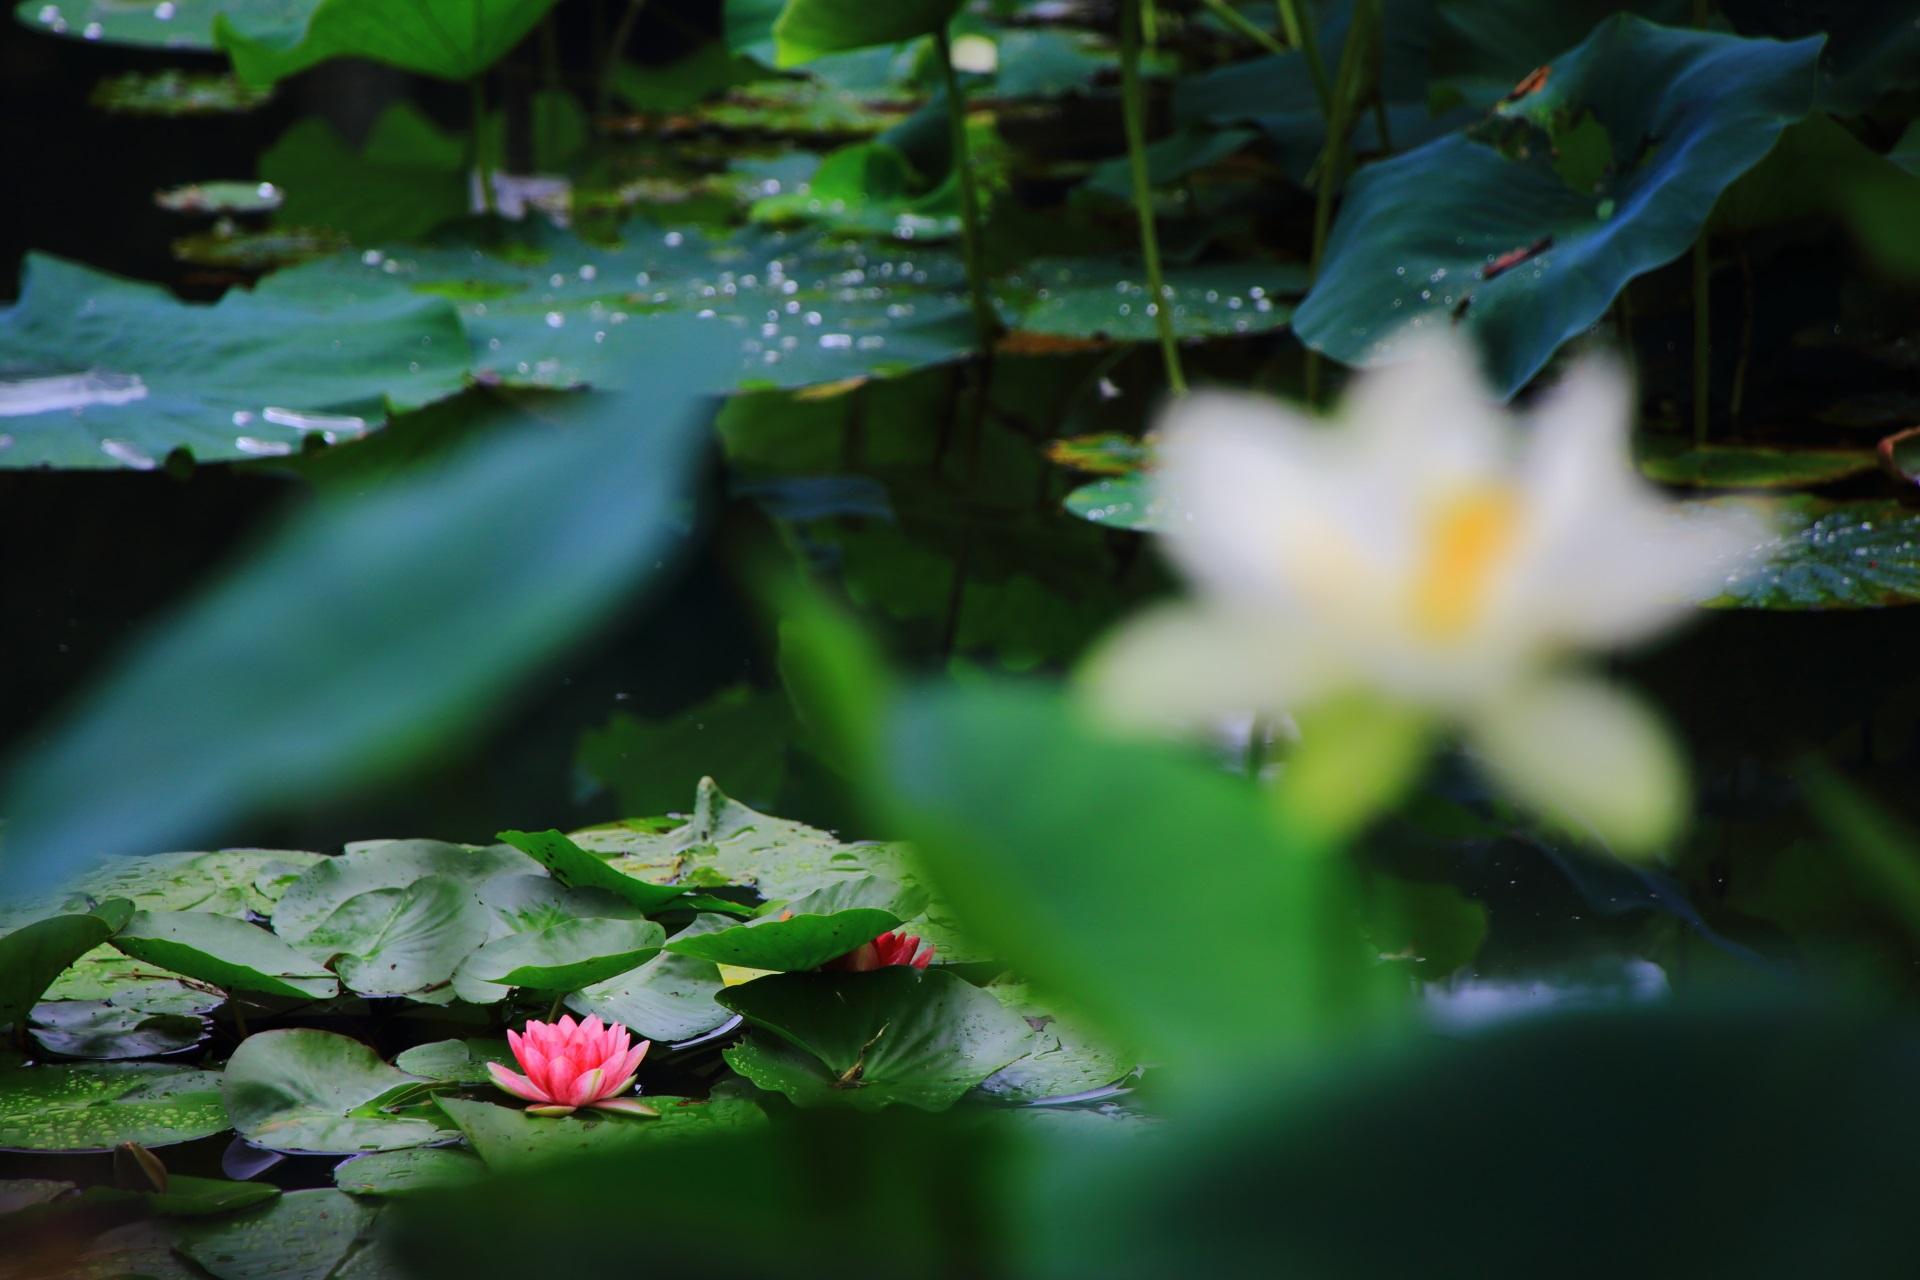 淡くぼやけた蓮の花と鮮やかな睡蓮